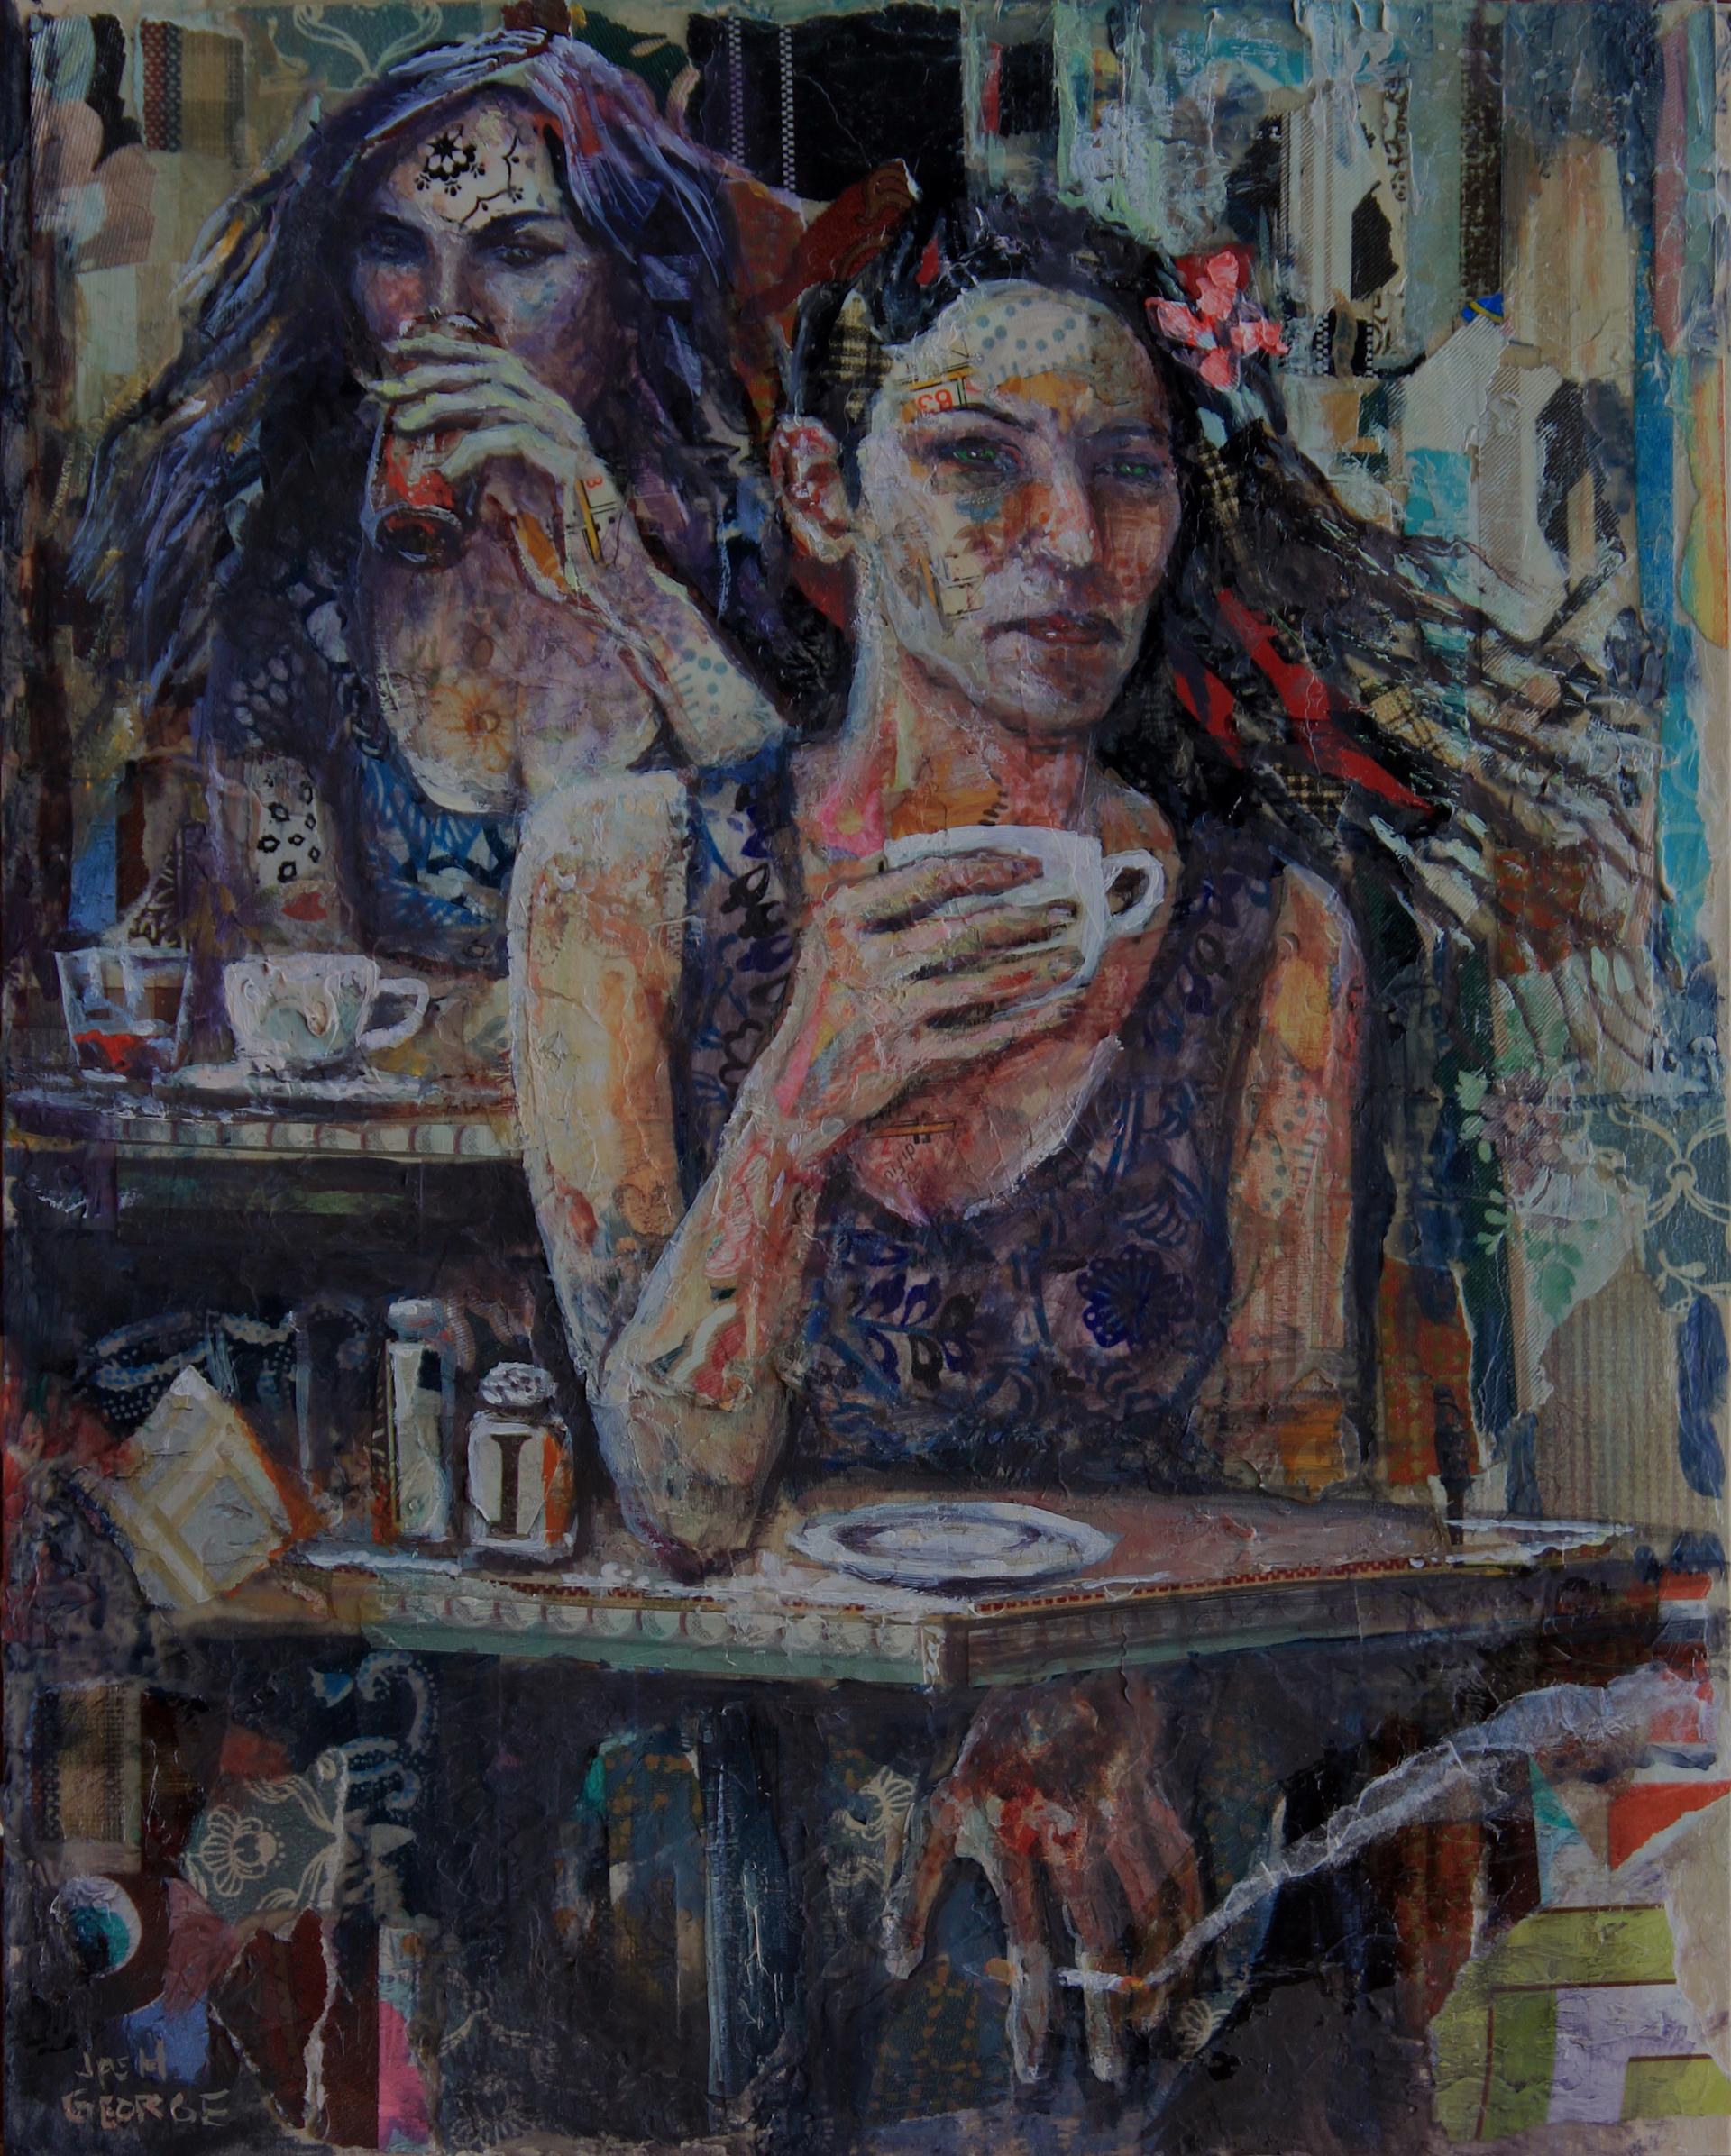 coffee lilies by Josh George